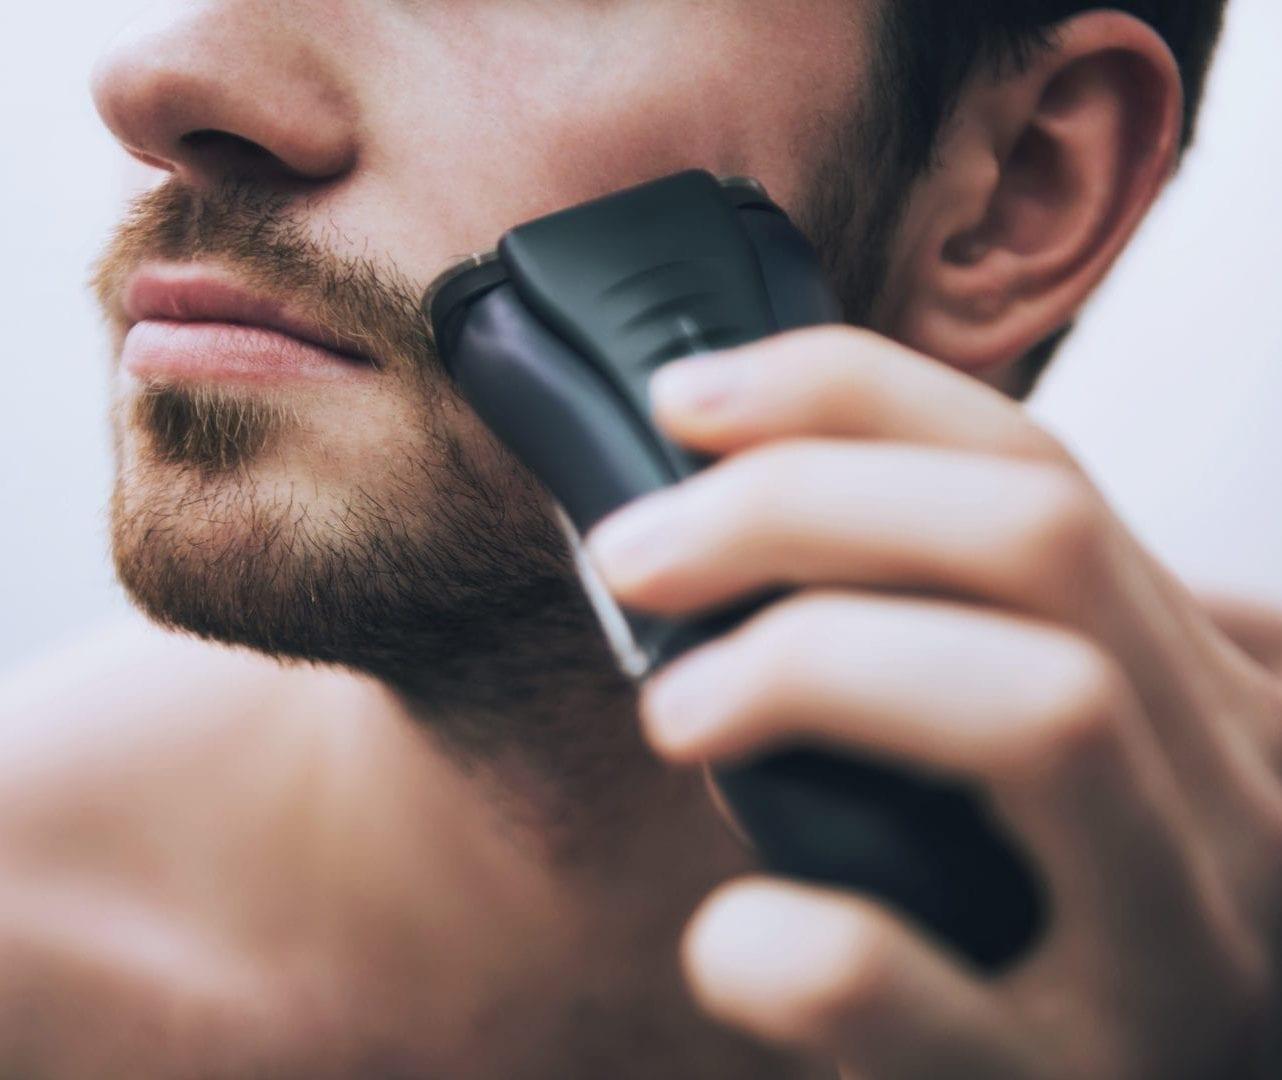 Man scheert zijn gezicht | droog scheren kan ingegroeide haren veroorzaken